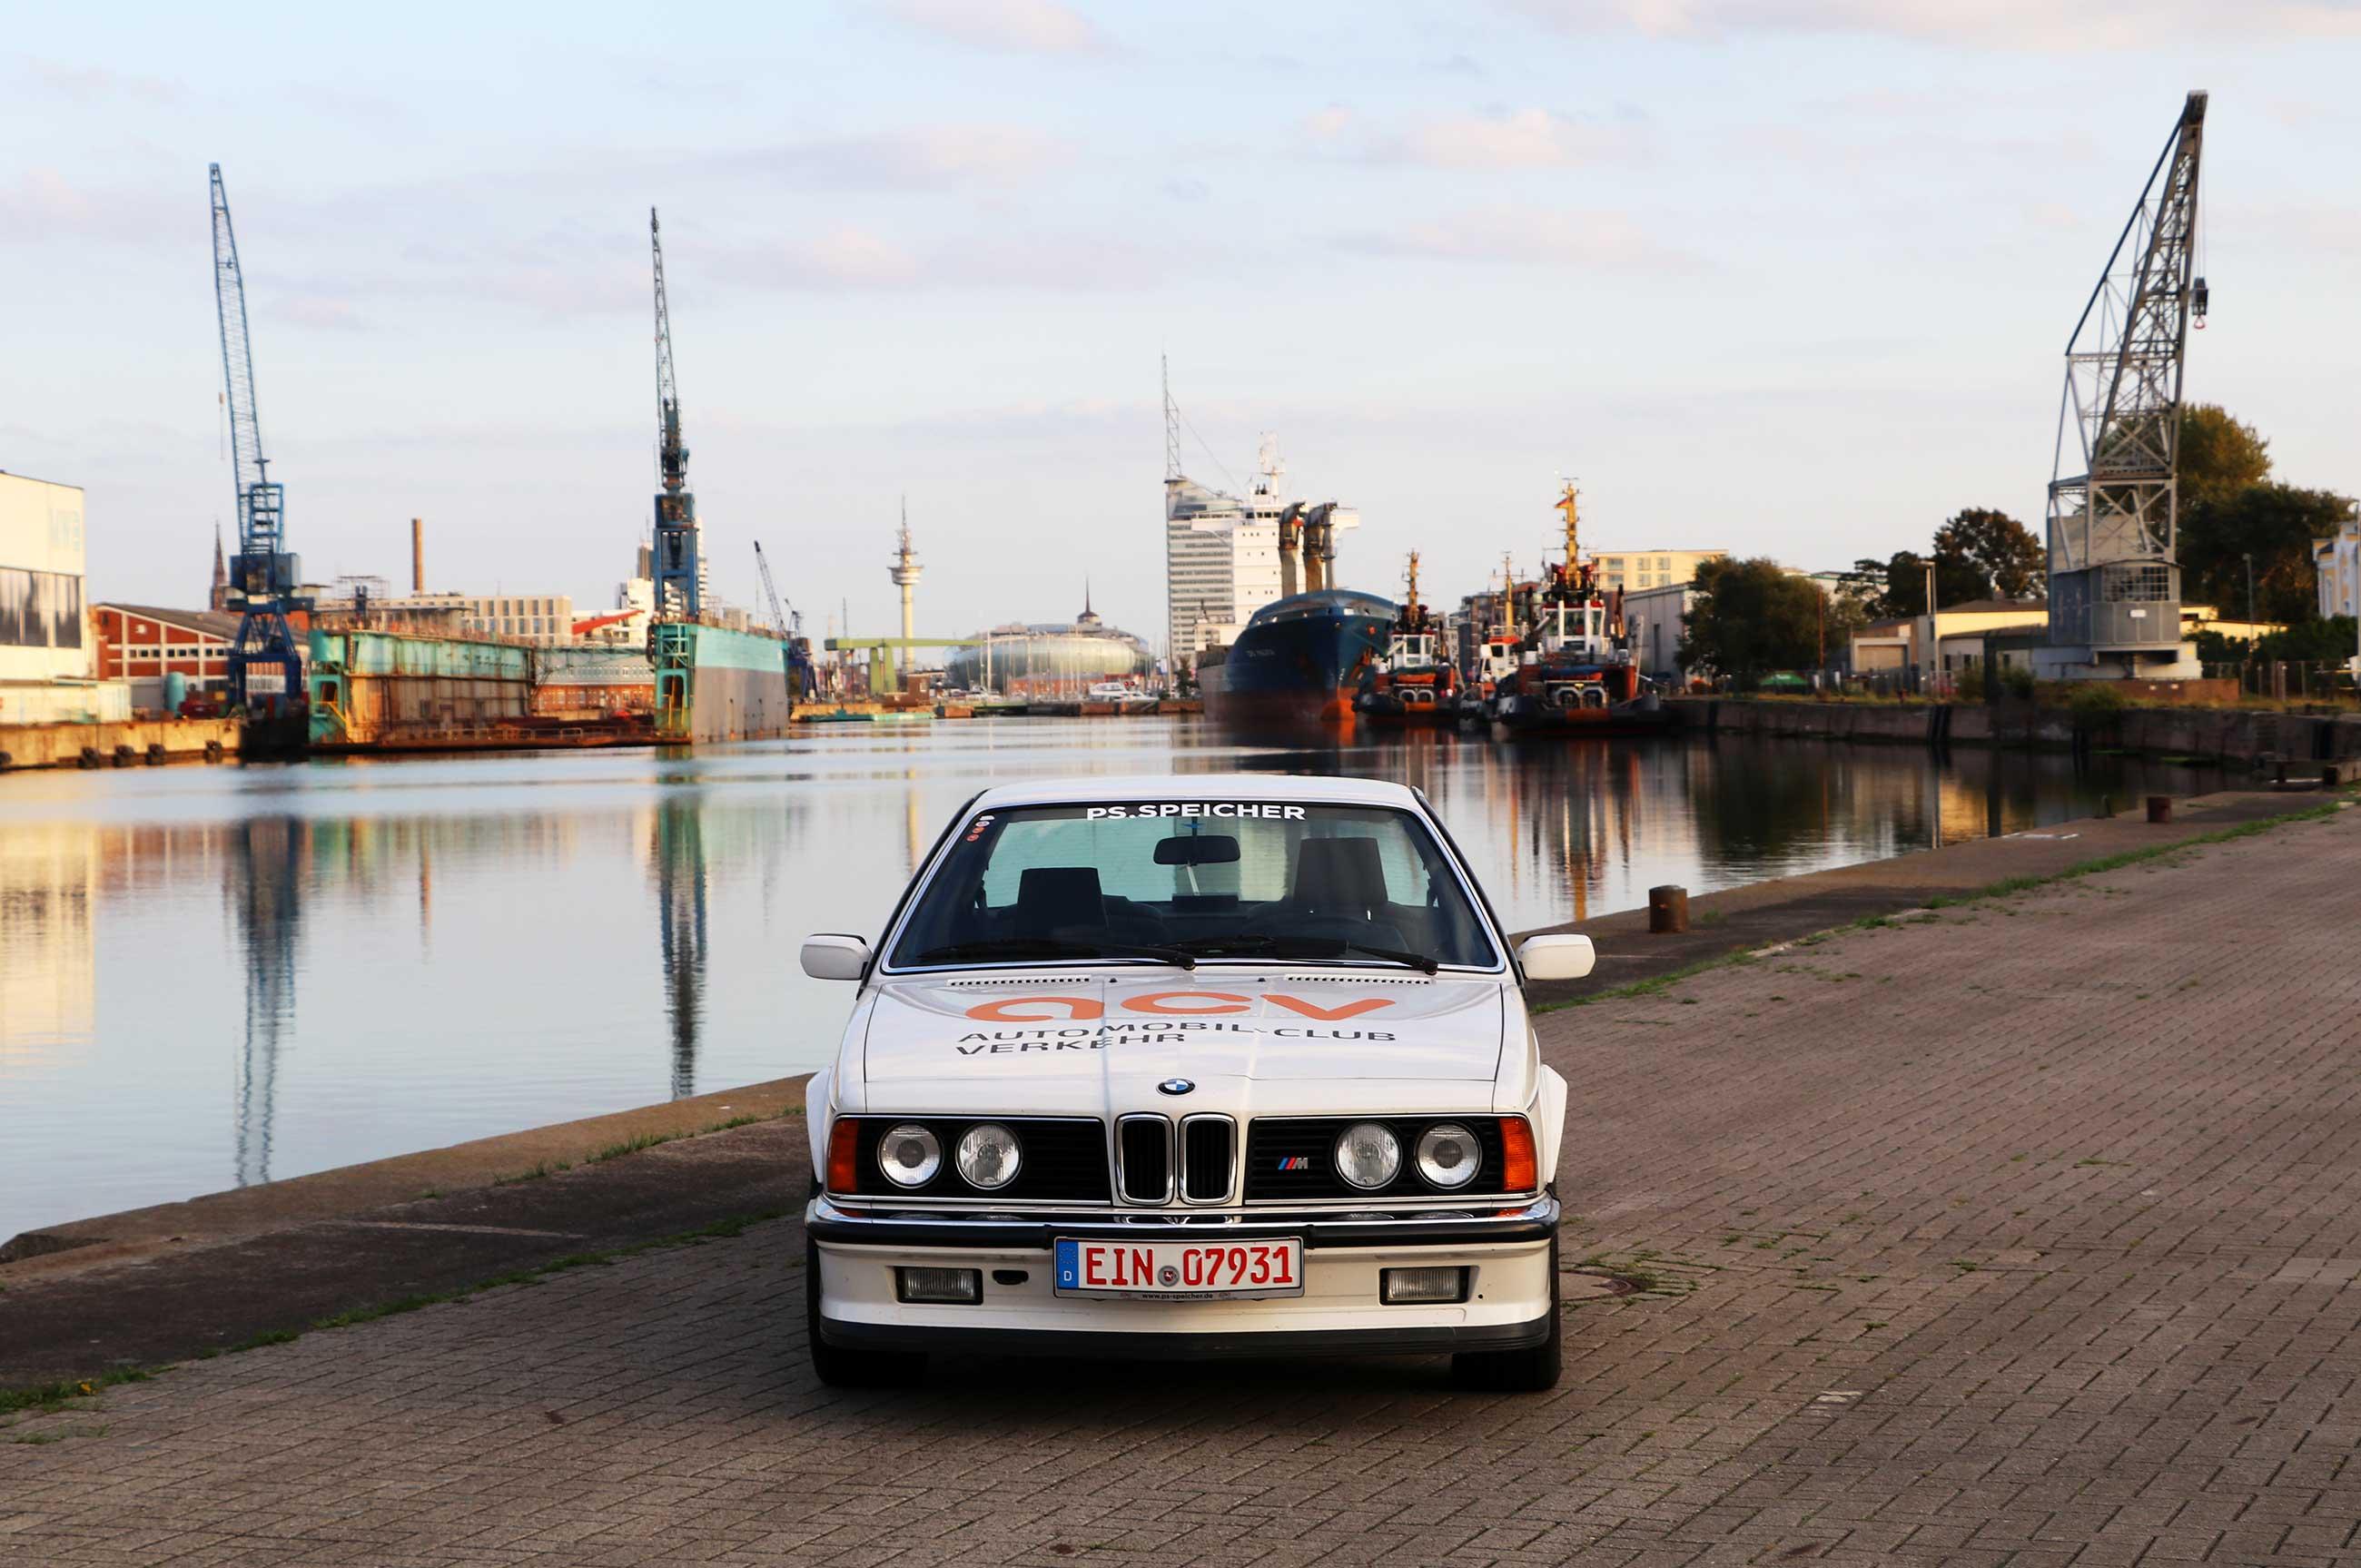 Bericht: Meine Teilnahme an der Creme 21 Youngtimer Rallye 2019 Creme-21-Youngtimer-Rallye-2019_Nachbericht_75